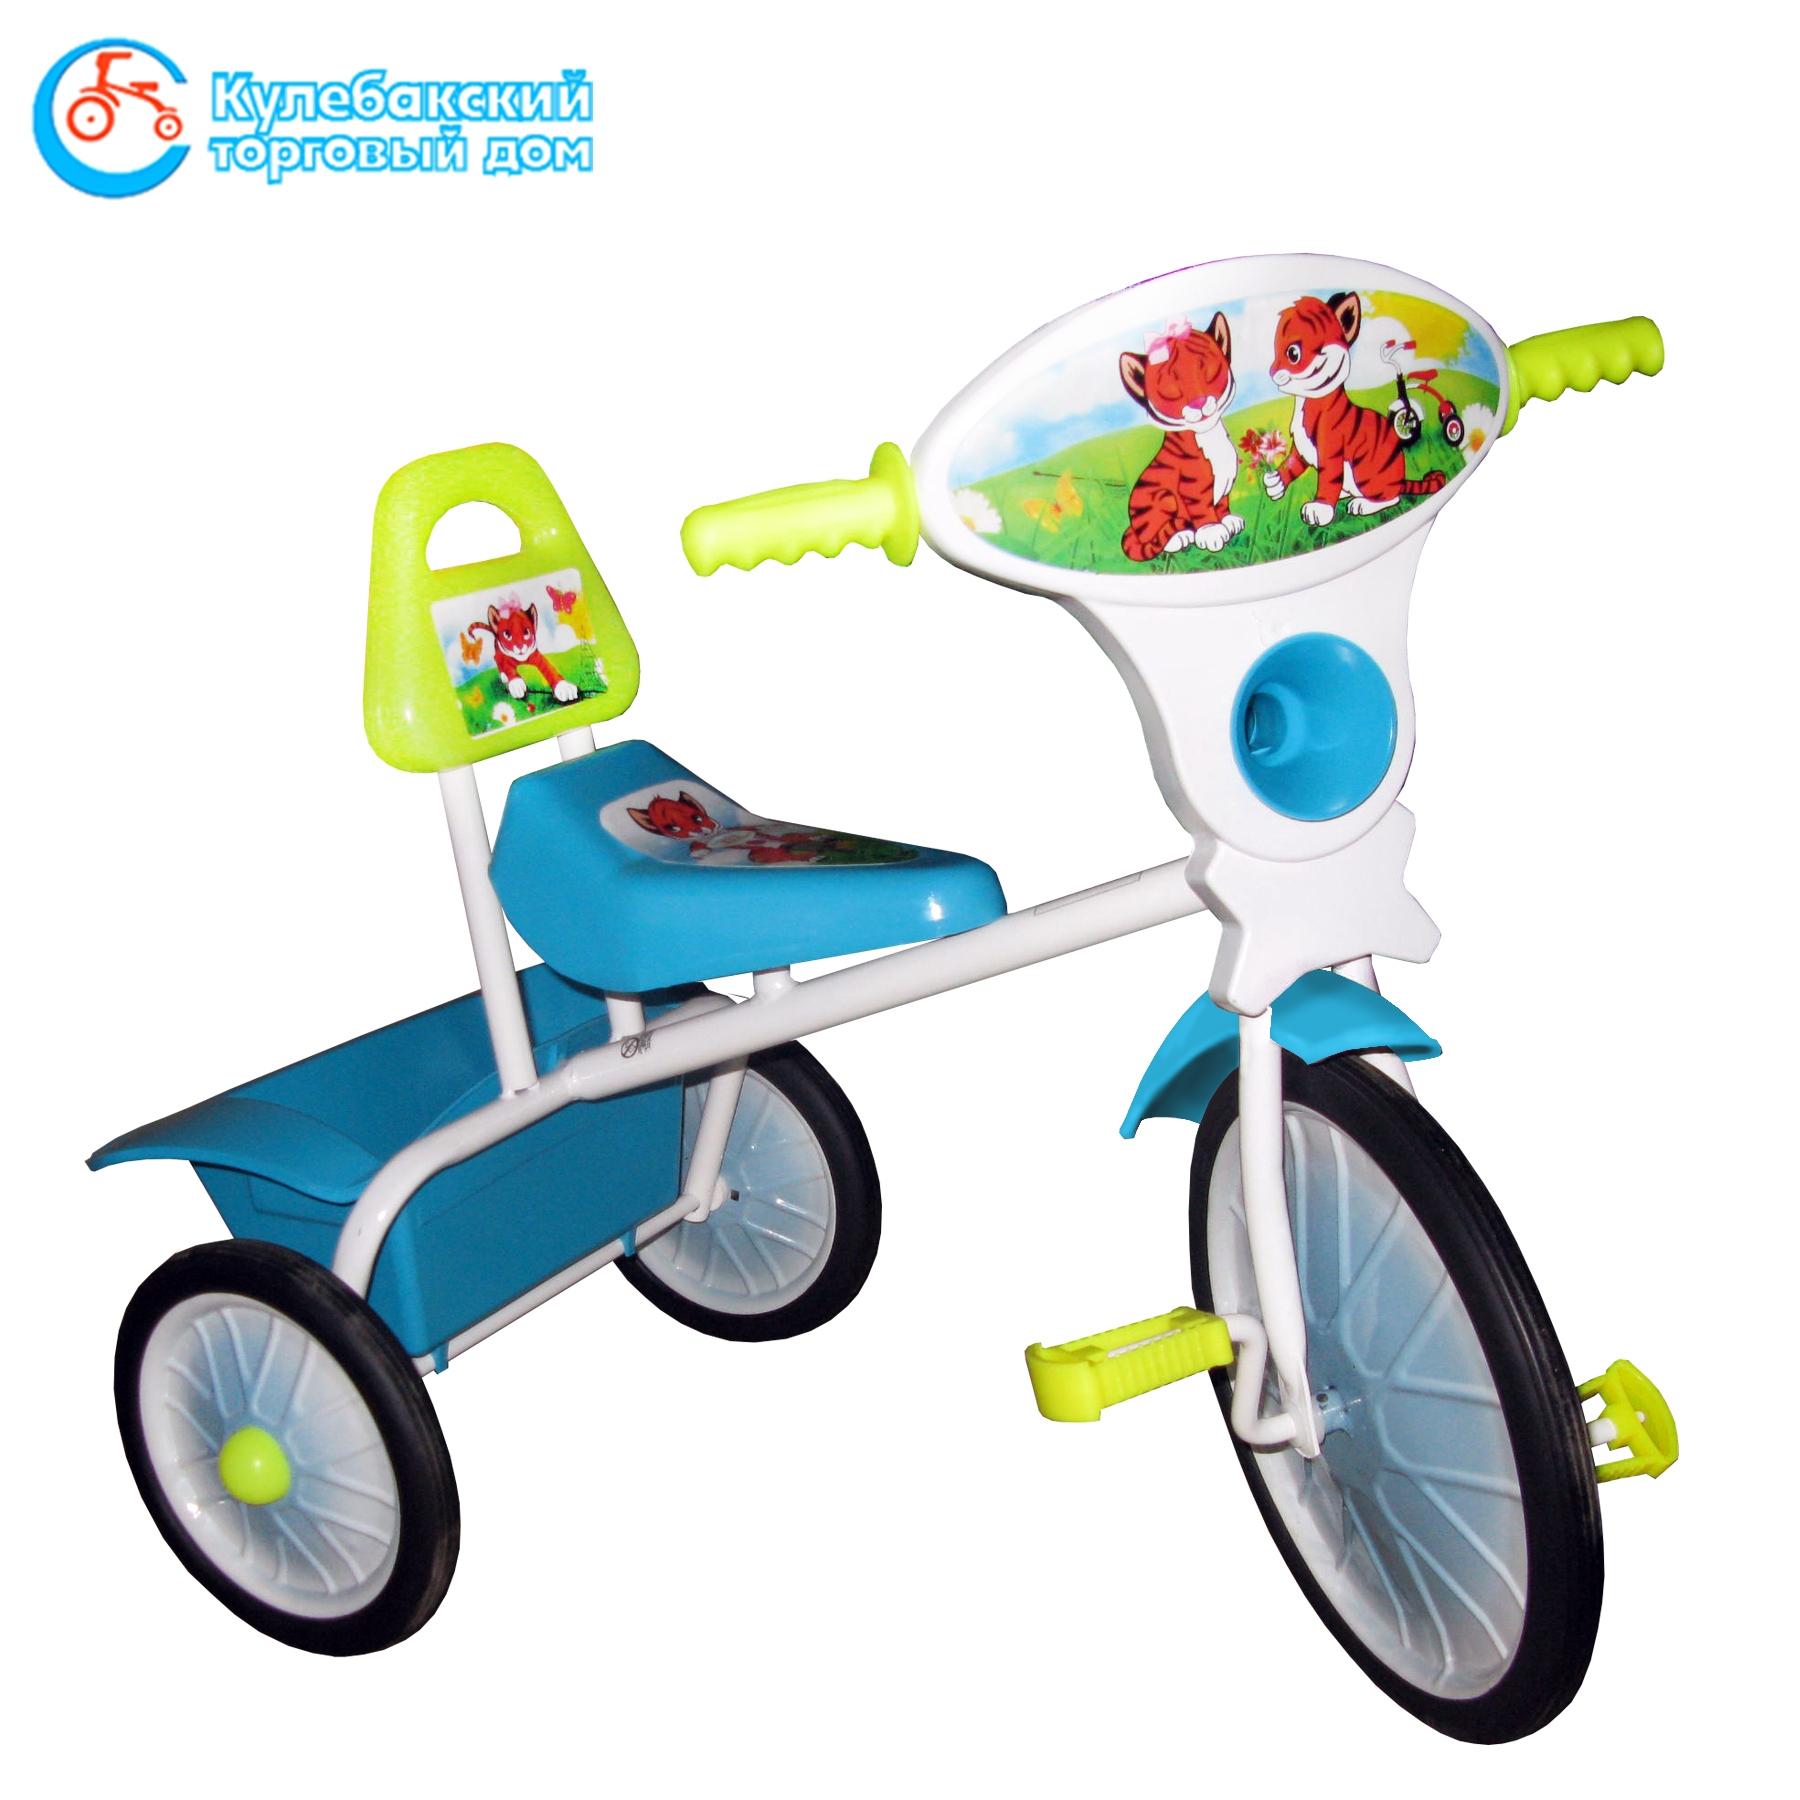 Сбор заказов. Всем известные детские велосипеды M@лыш от Нижегородского производителя